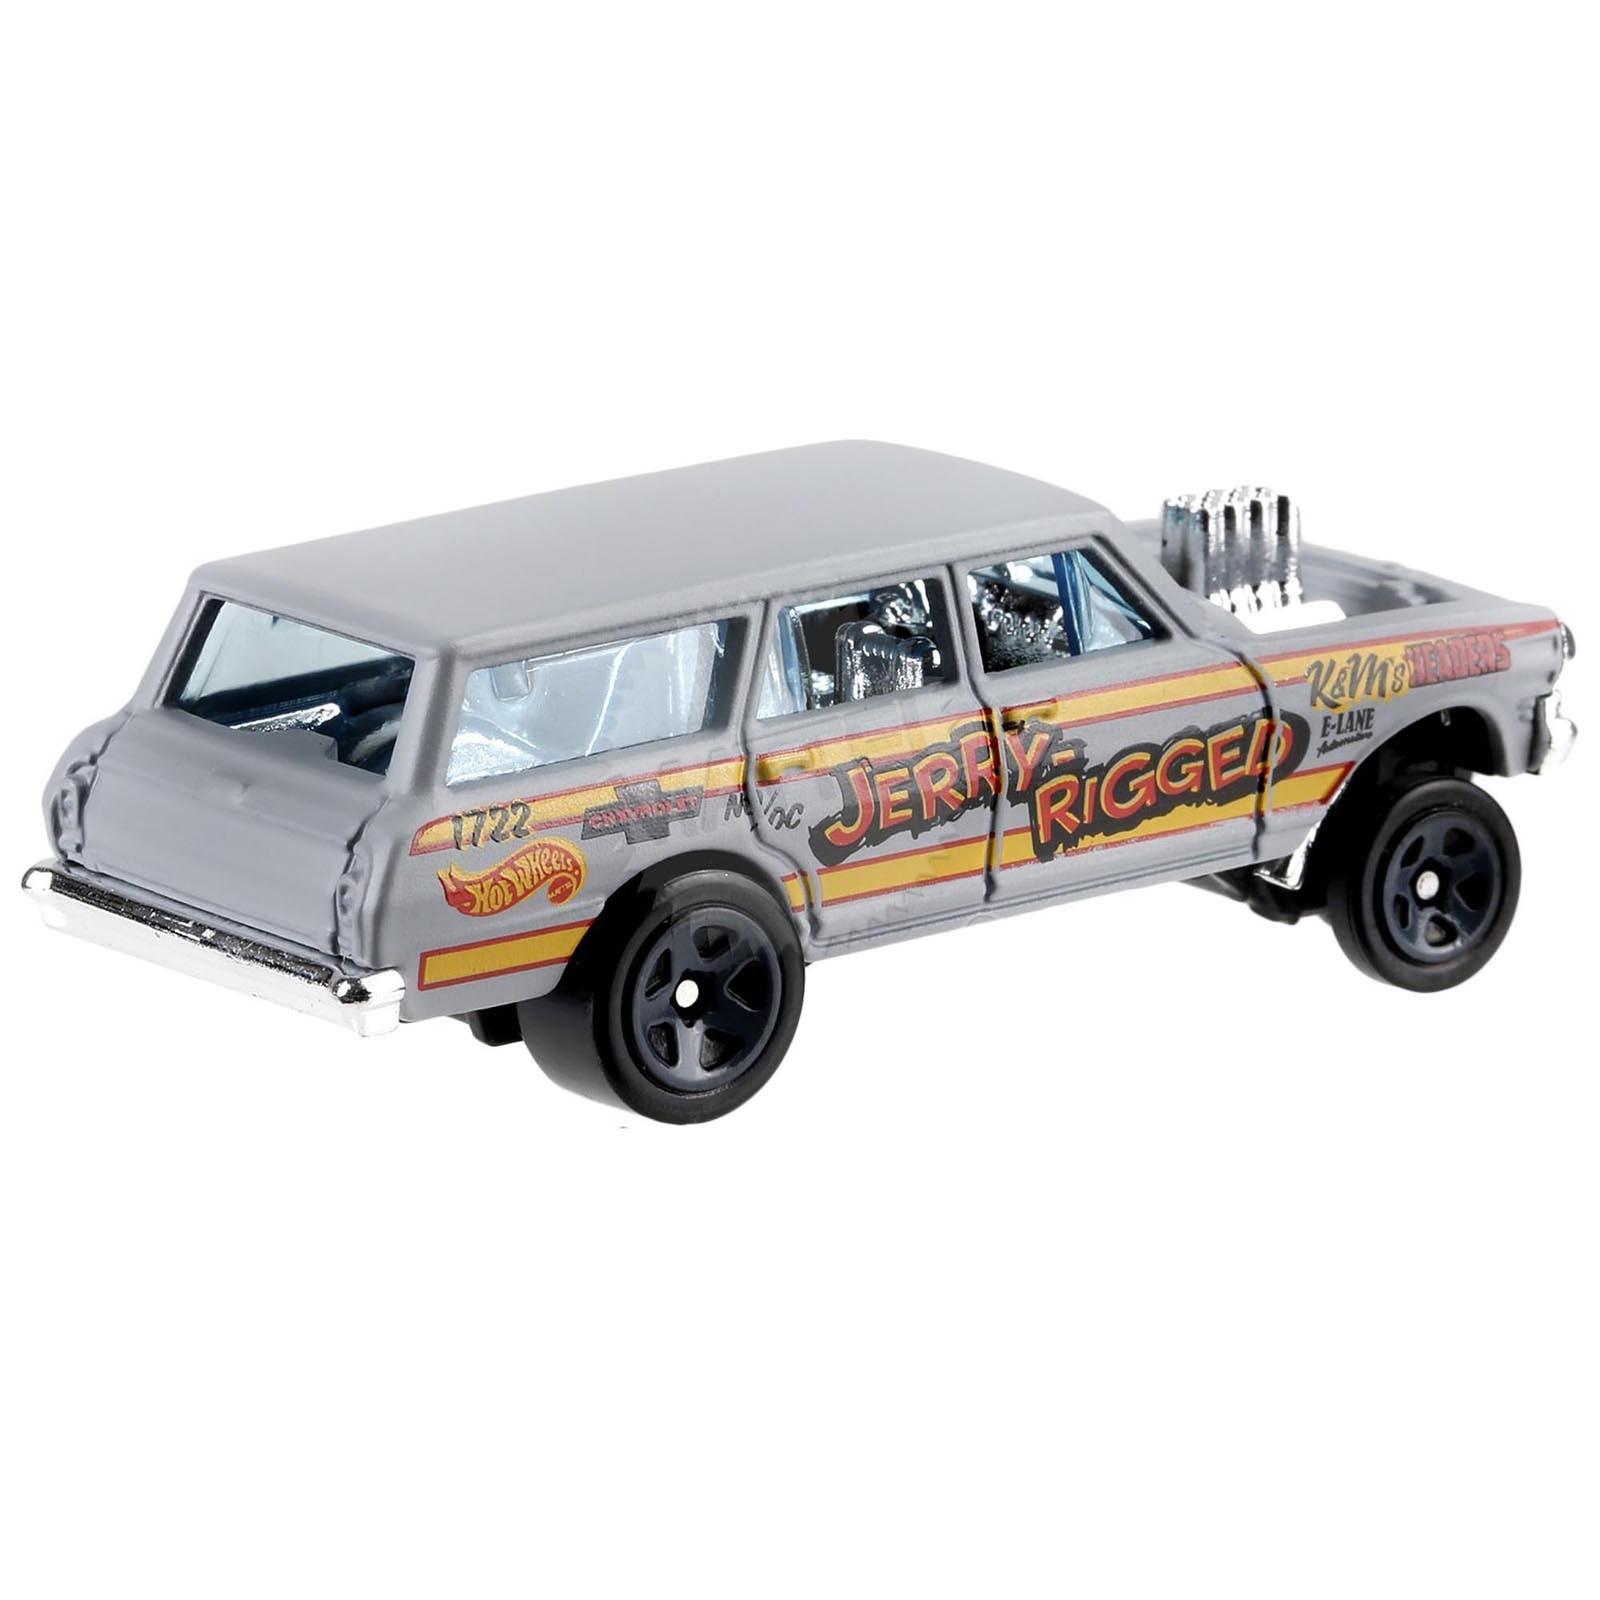 Hot Wheels - '64 Nova Wagon Gasser - FYD77